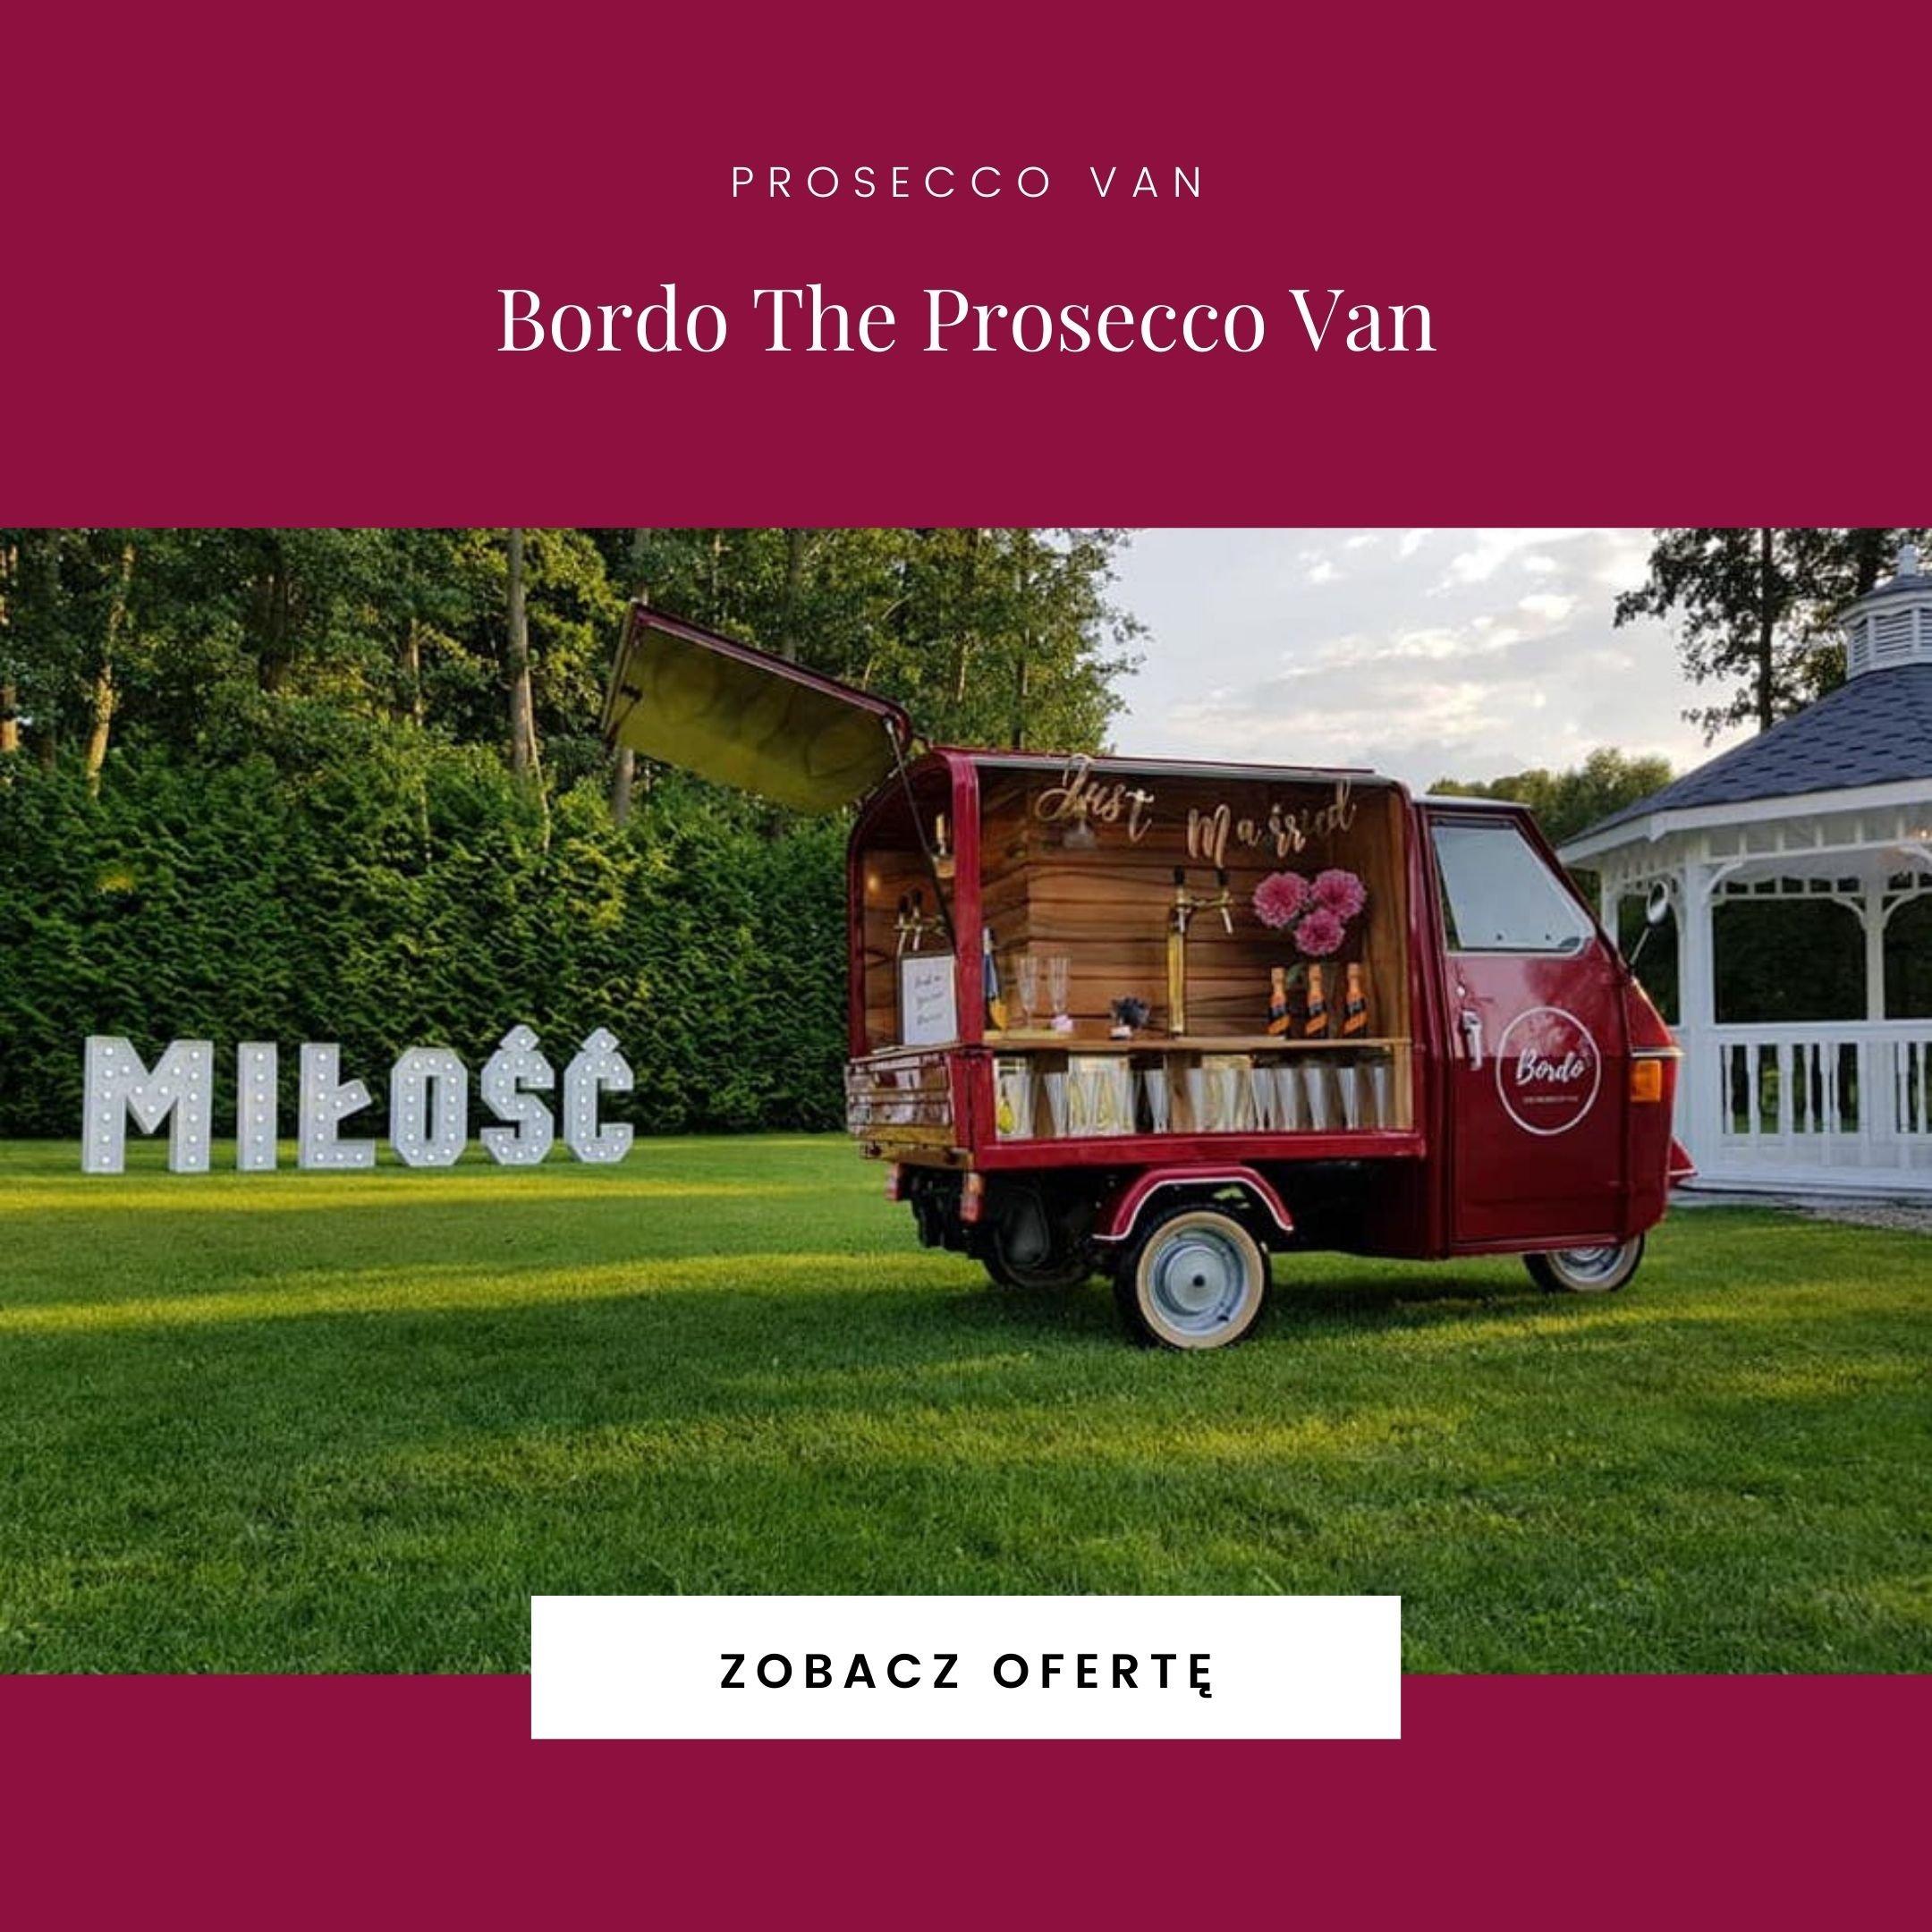 Bordo The Prosecco Van